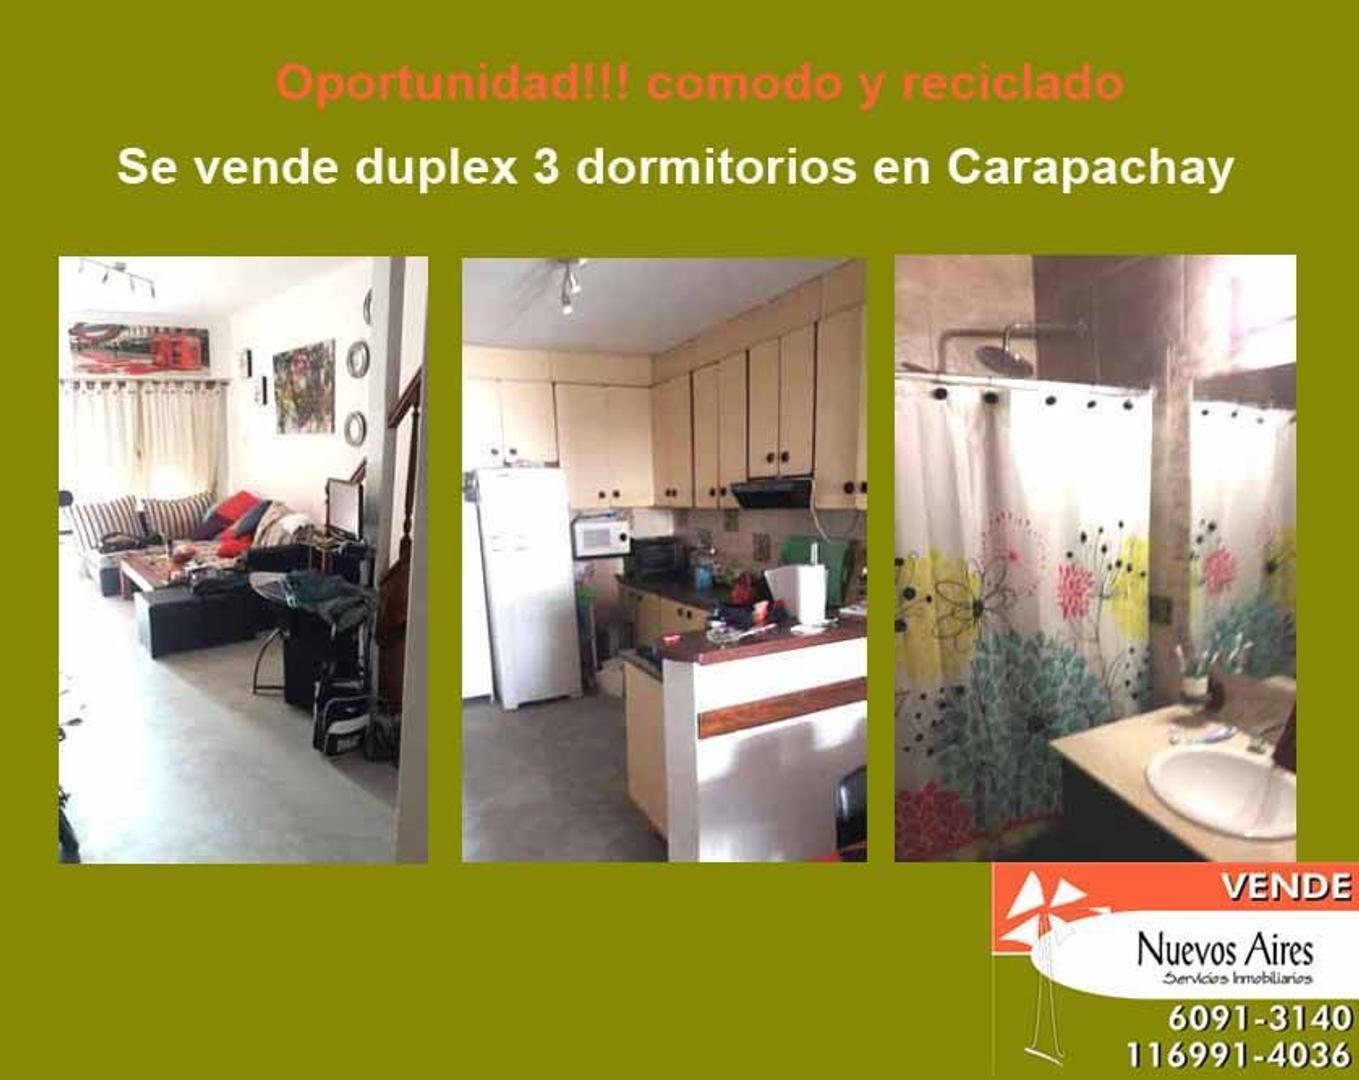 Se vende duplex en Carapachay - U$S 150.000 - No apto credito